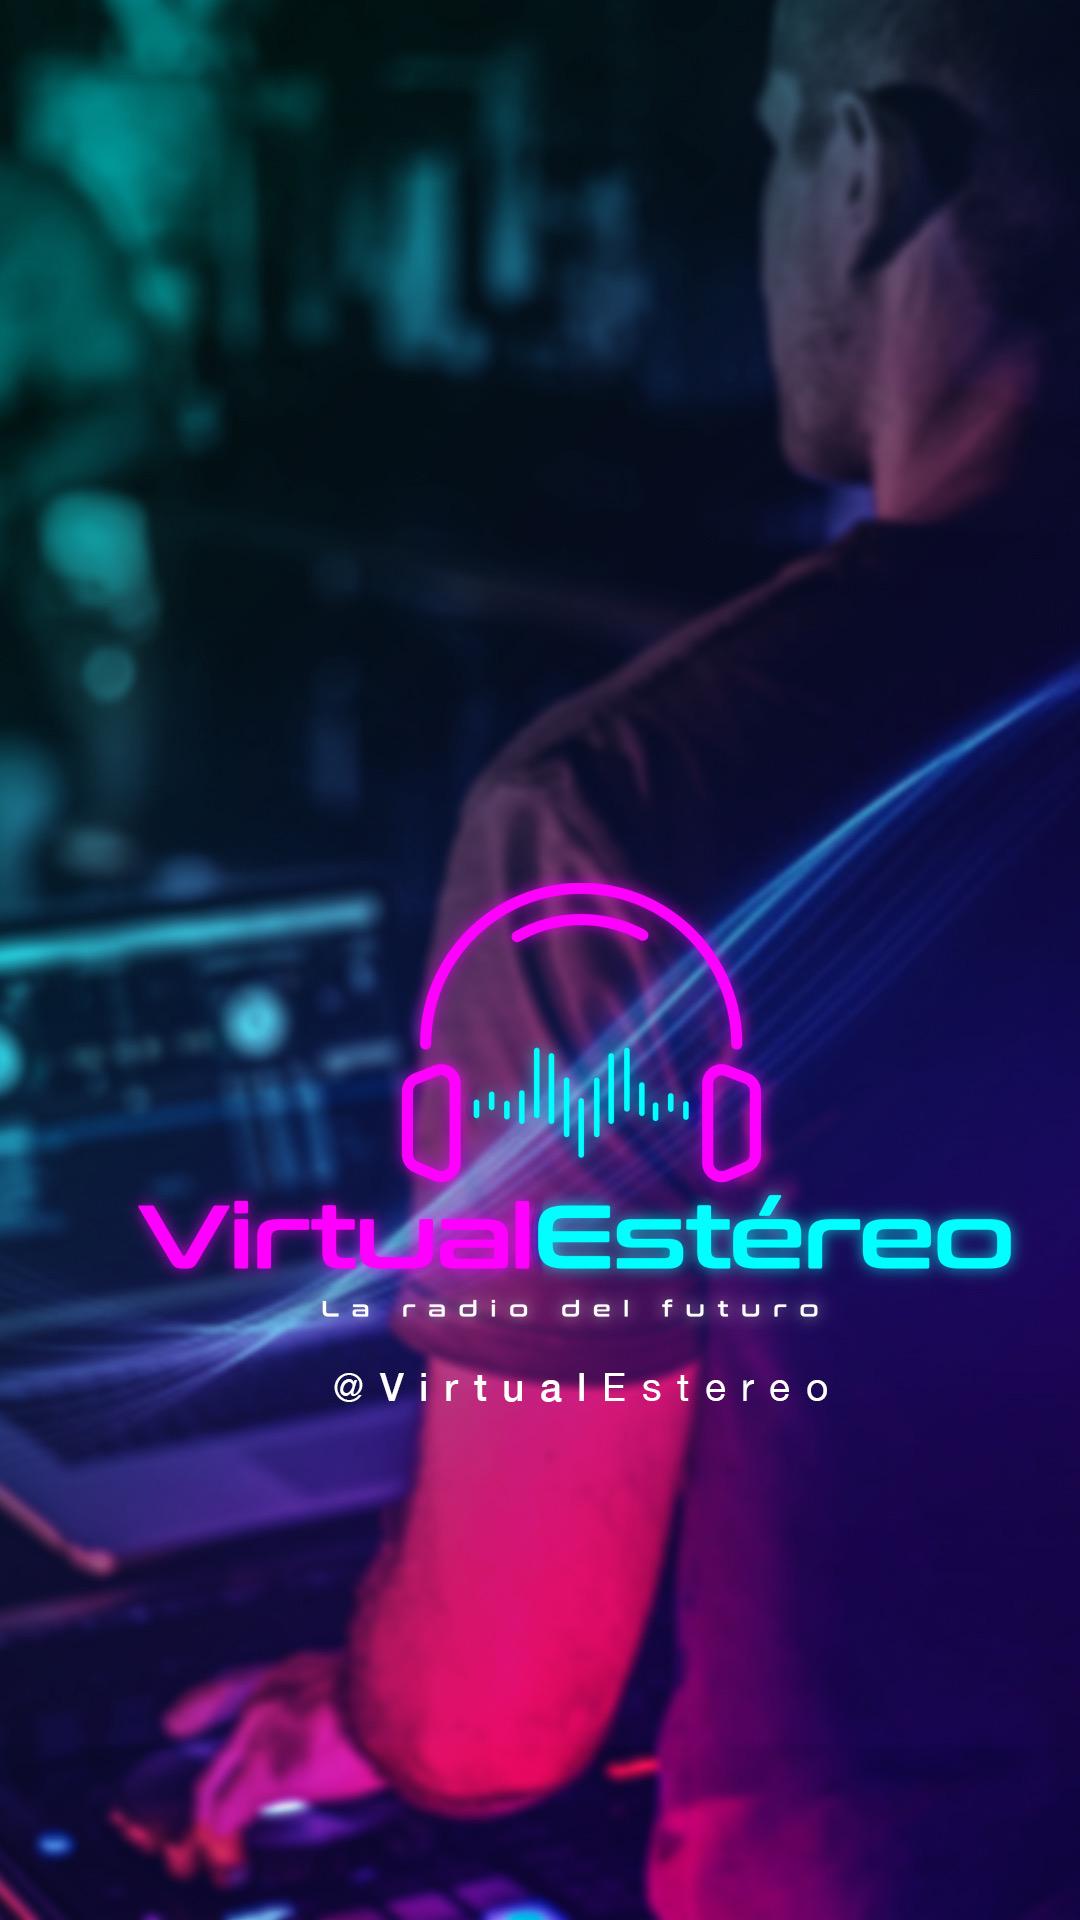 Virtual Estéreo